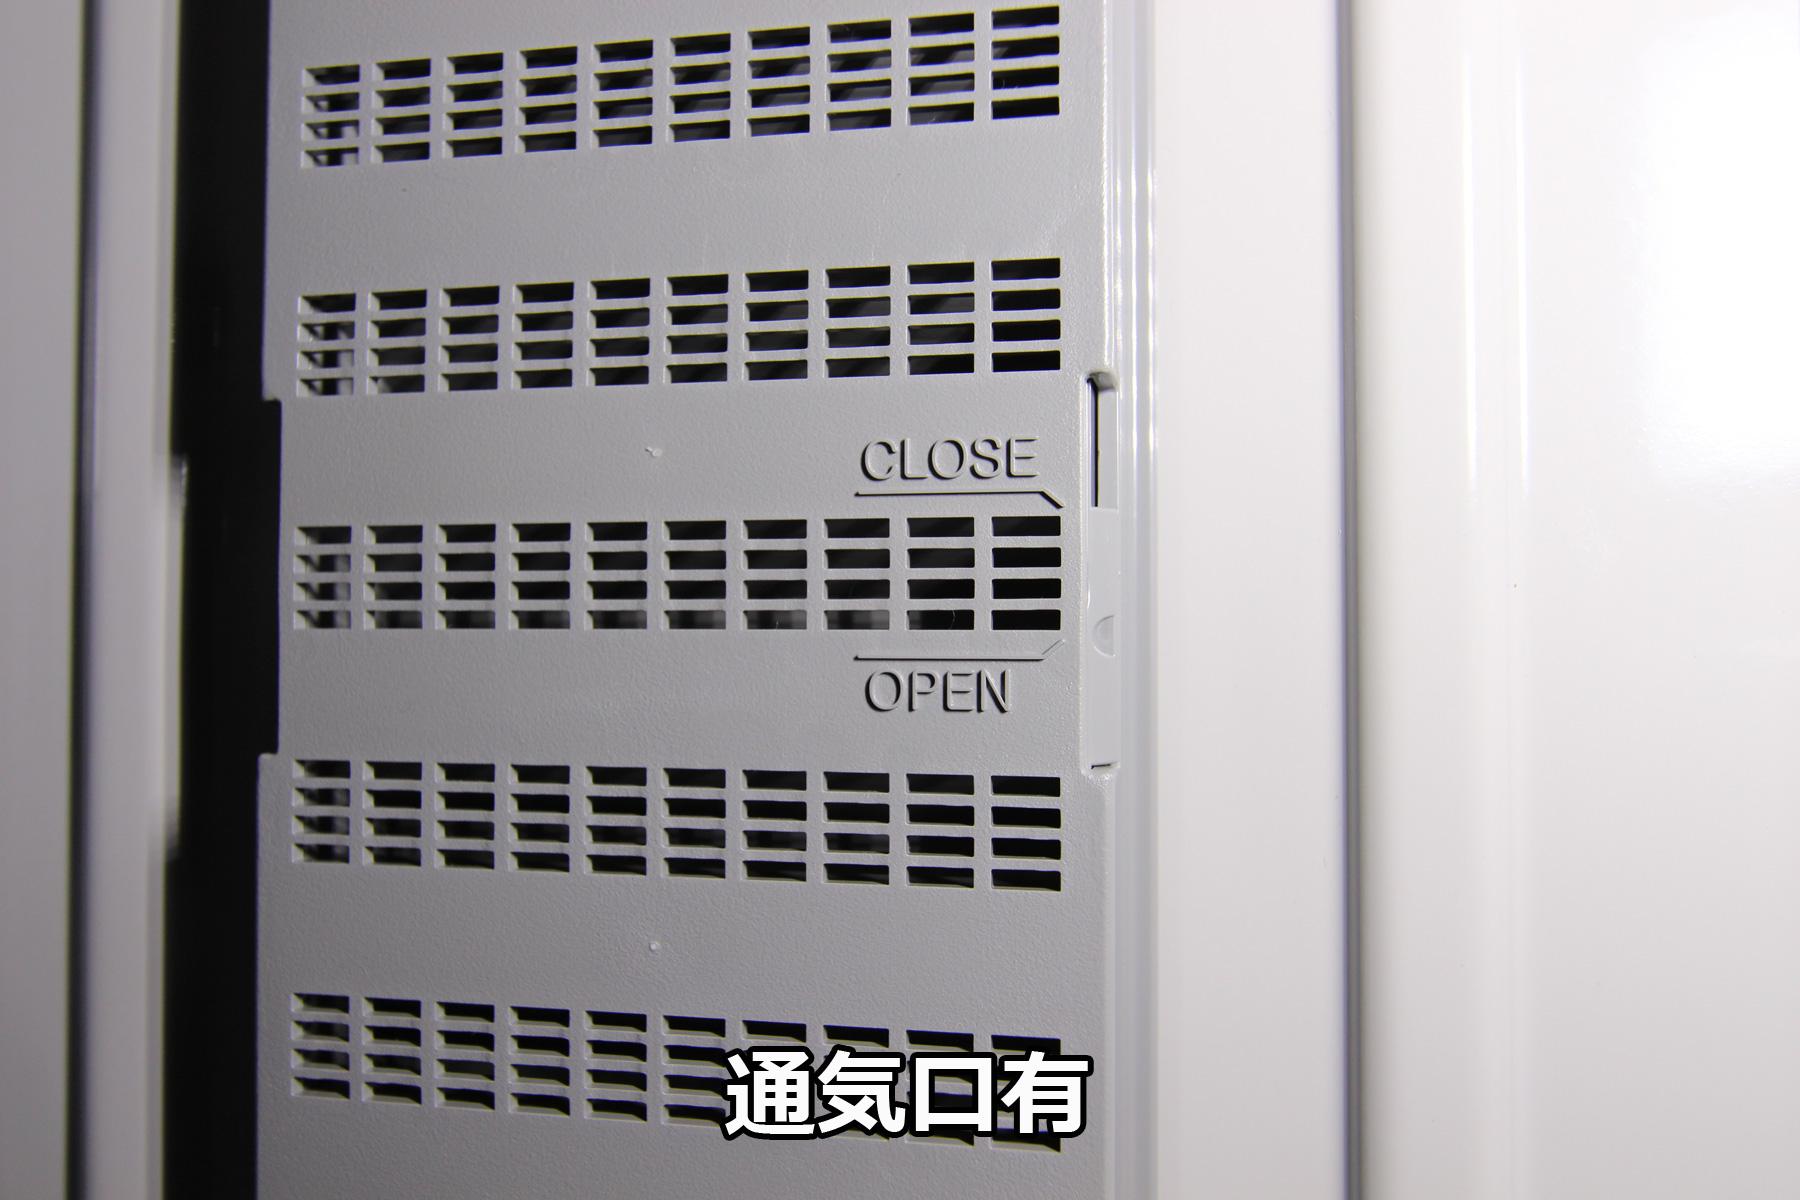 【現在満室】「空室待ち」希望の方、予約登録受付中です【東京 押上文花店】